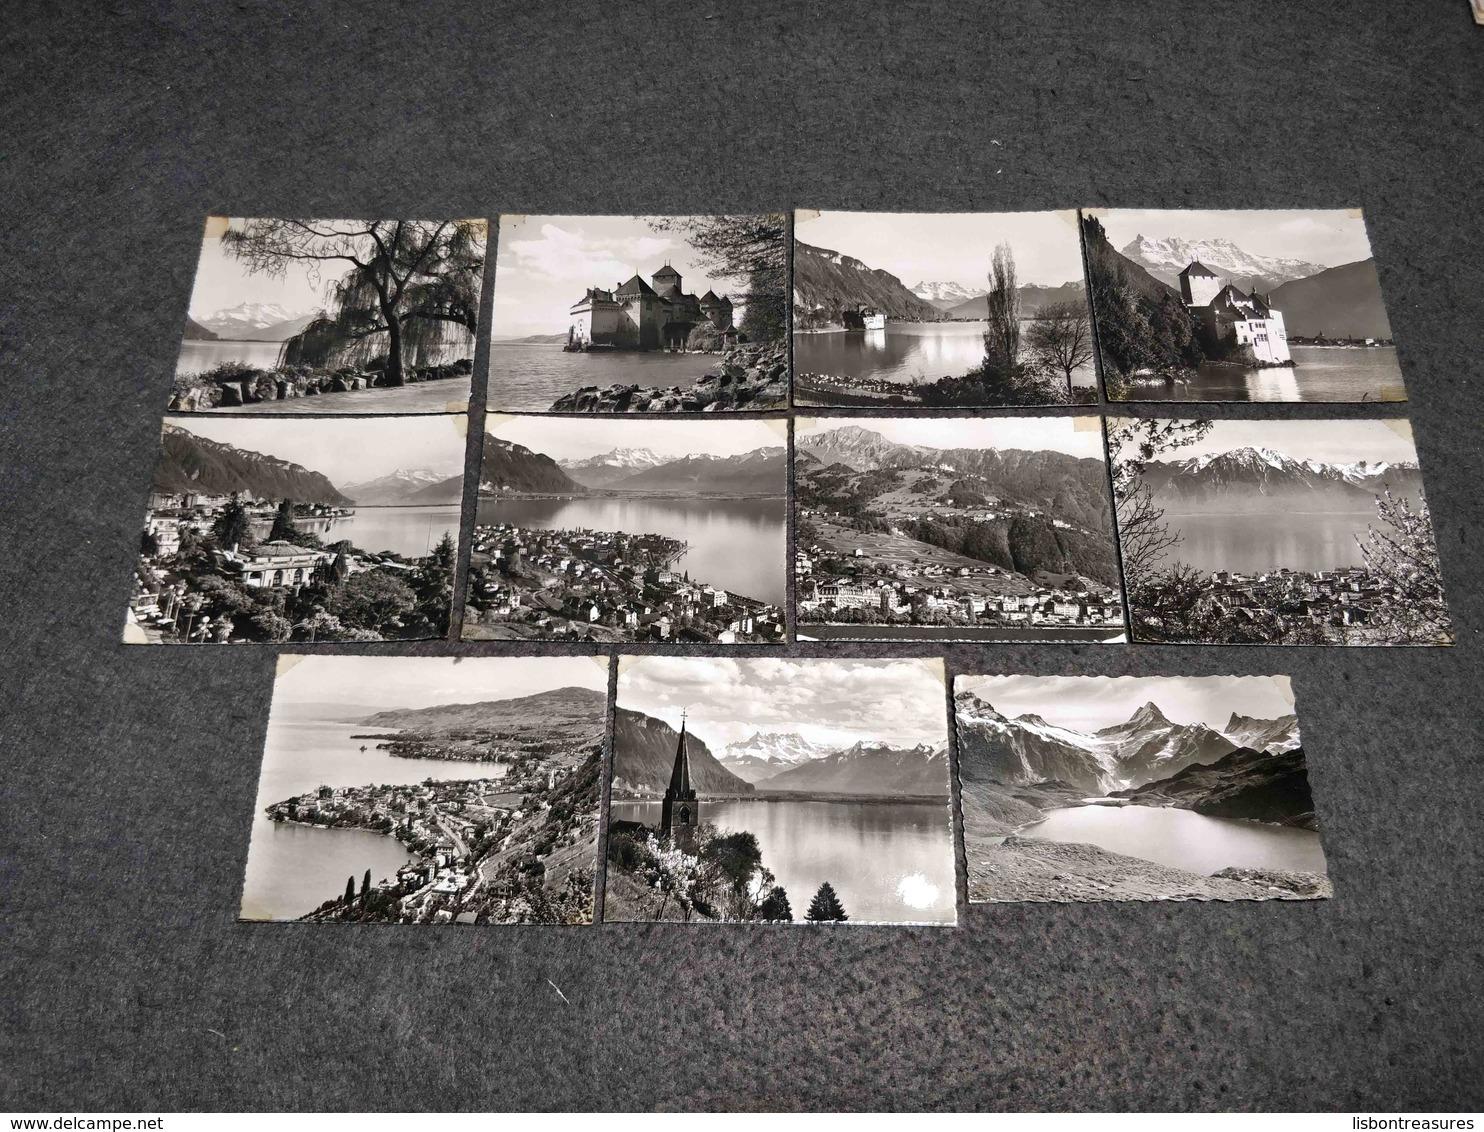 ANTIQUE LOT X 10 SMALL PHOTOS SWITZERLAND - MONTREAUX VIEWS - Pellicole Cinematografiche: 35mm-16mm-9,5+8+S8mm